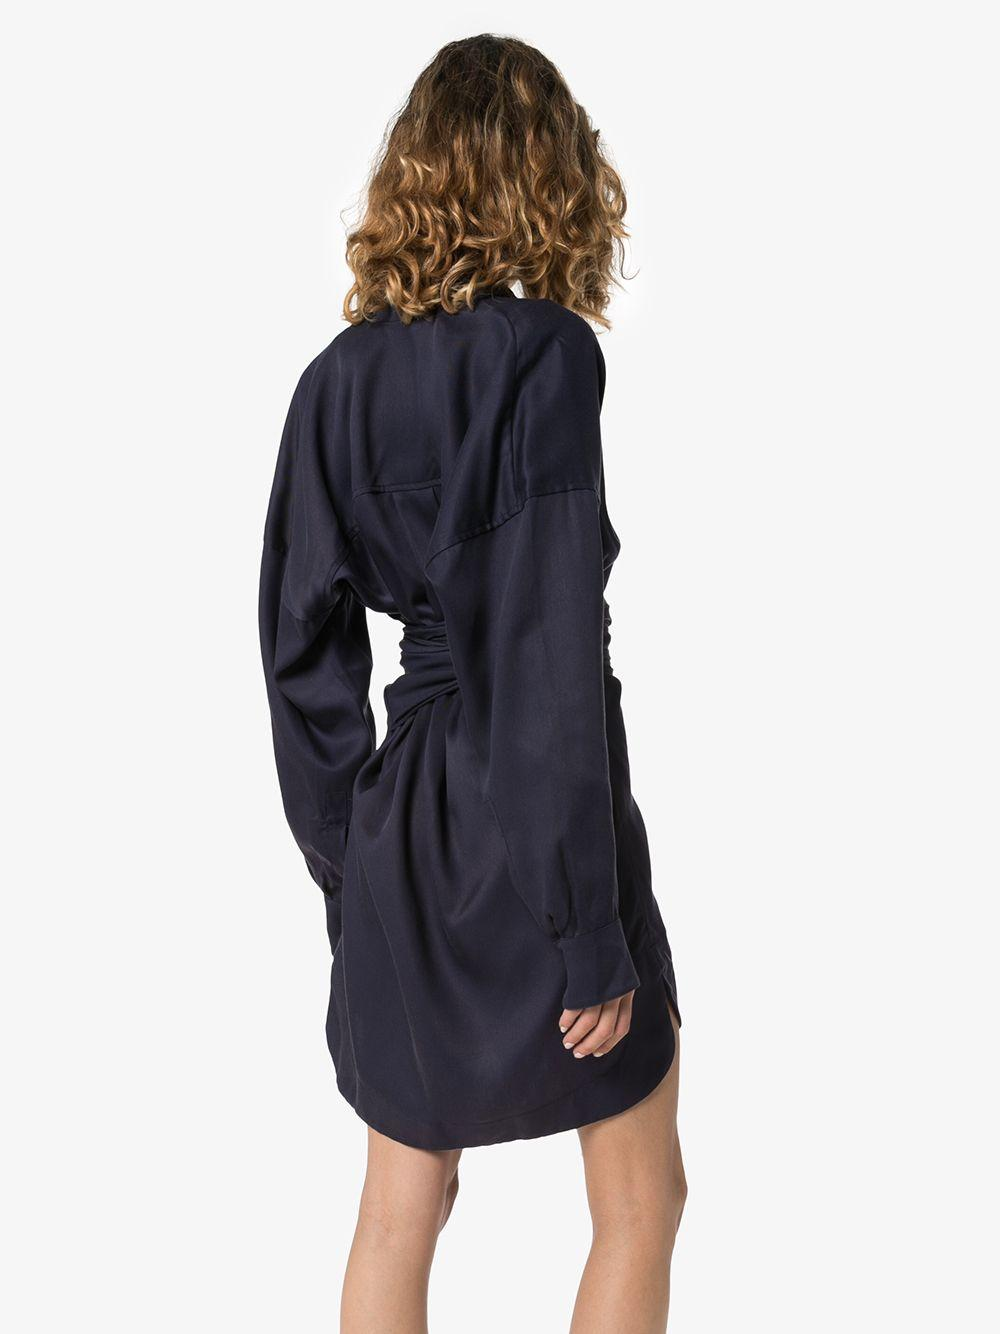 Vestido corto cruzado con cuello en V Bondi Born de Tejido sintético de color Azul